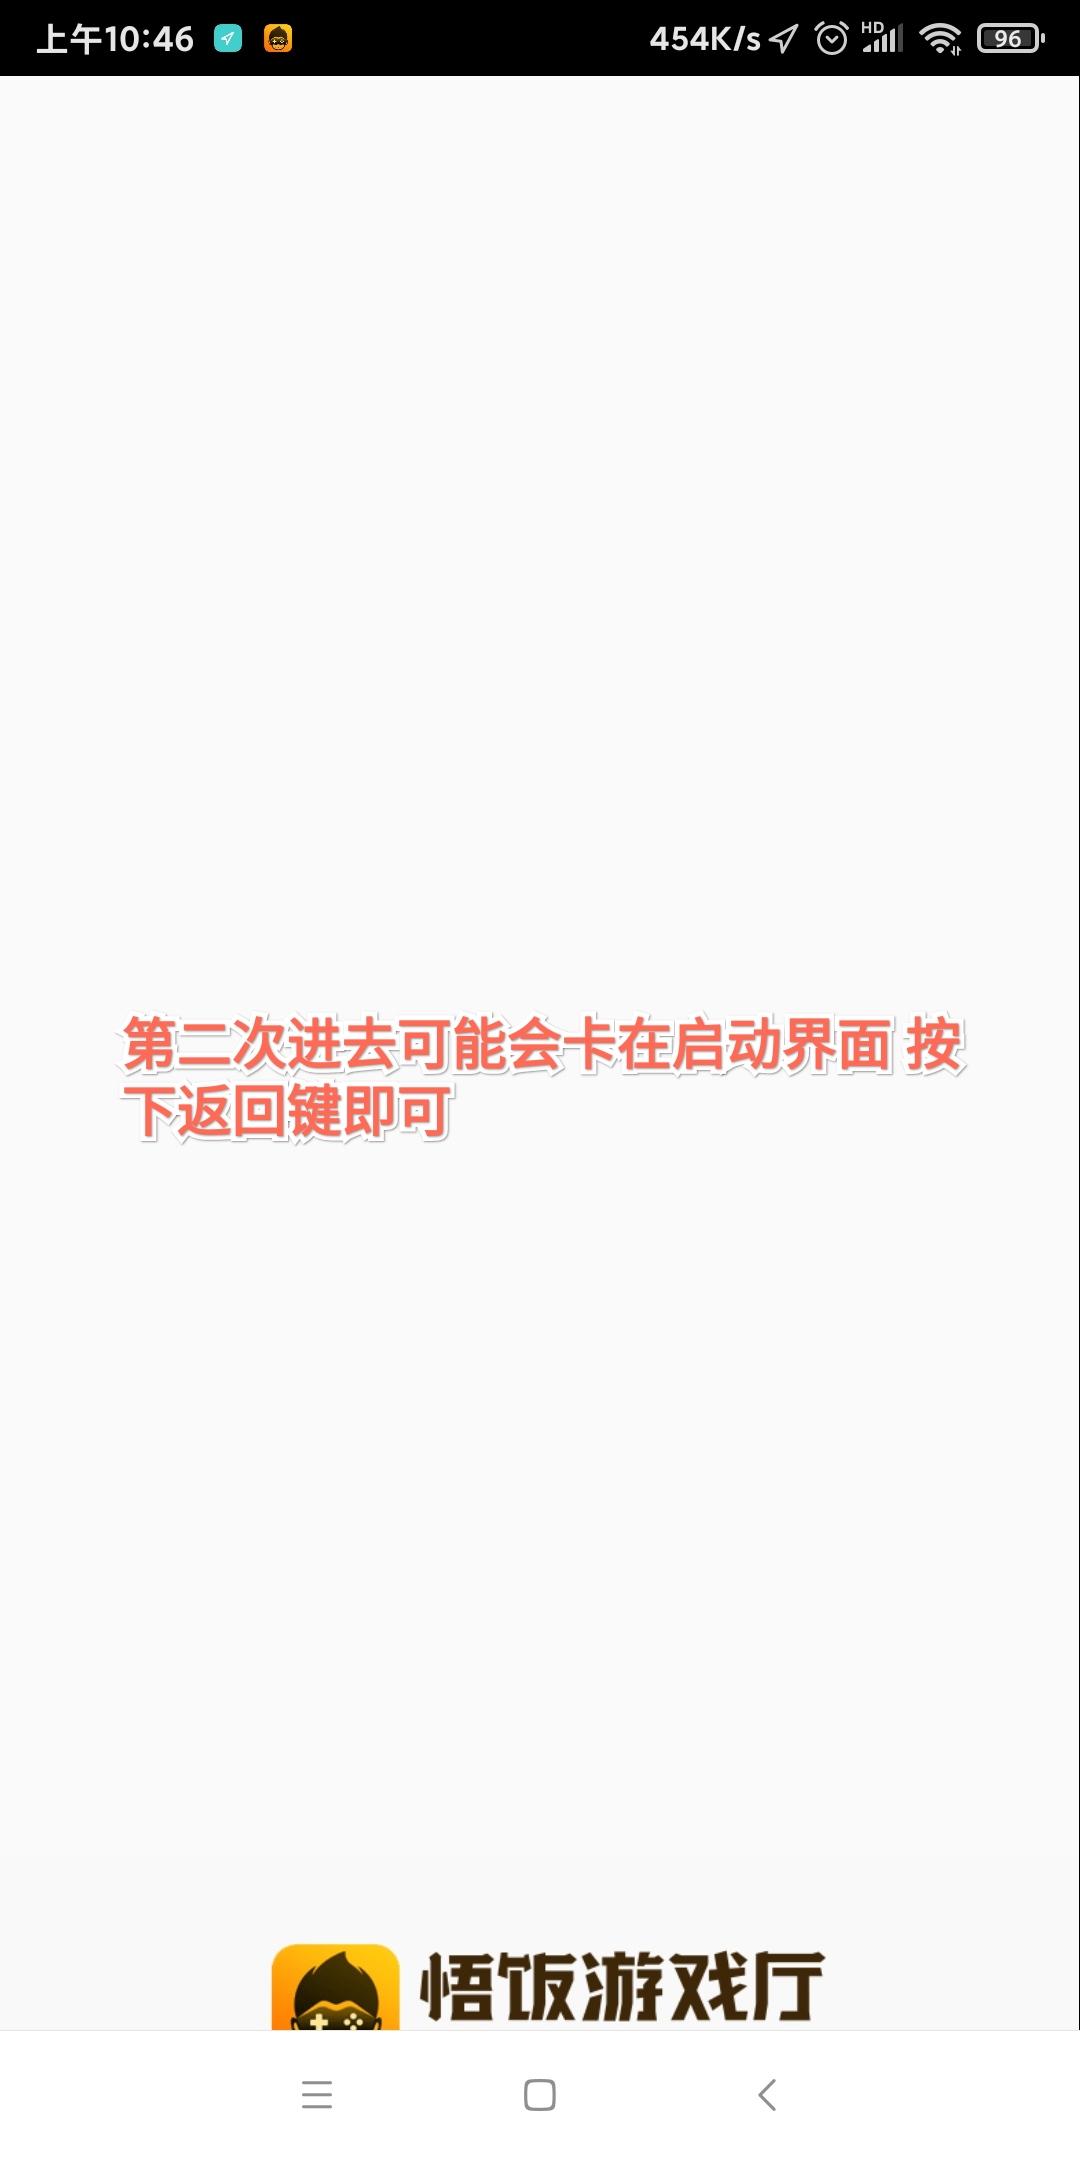 rBAAdmDnu9OAHermAAHbXhAjZXk426.jpg插图(5)